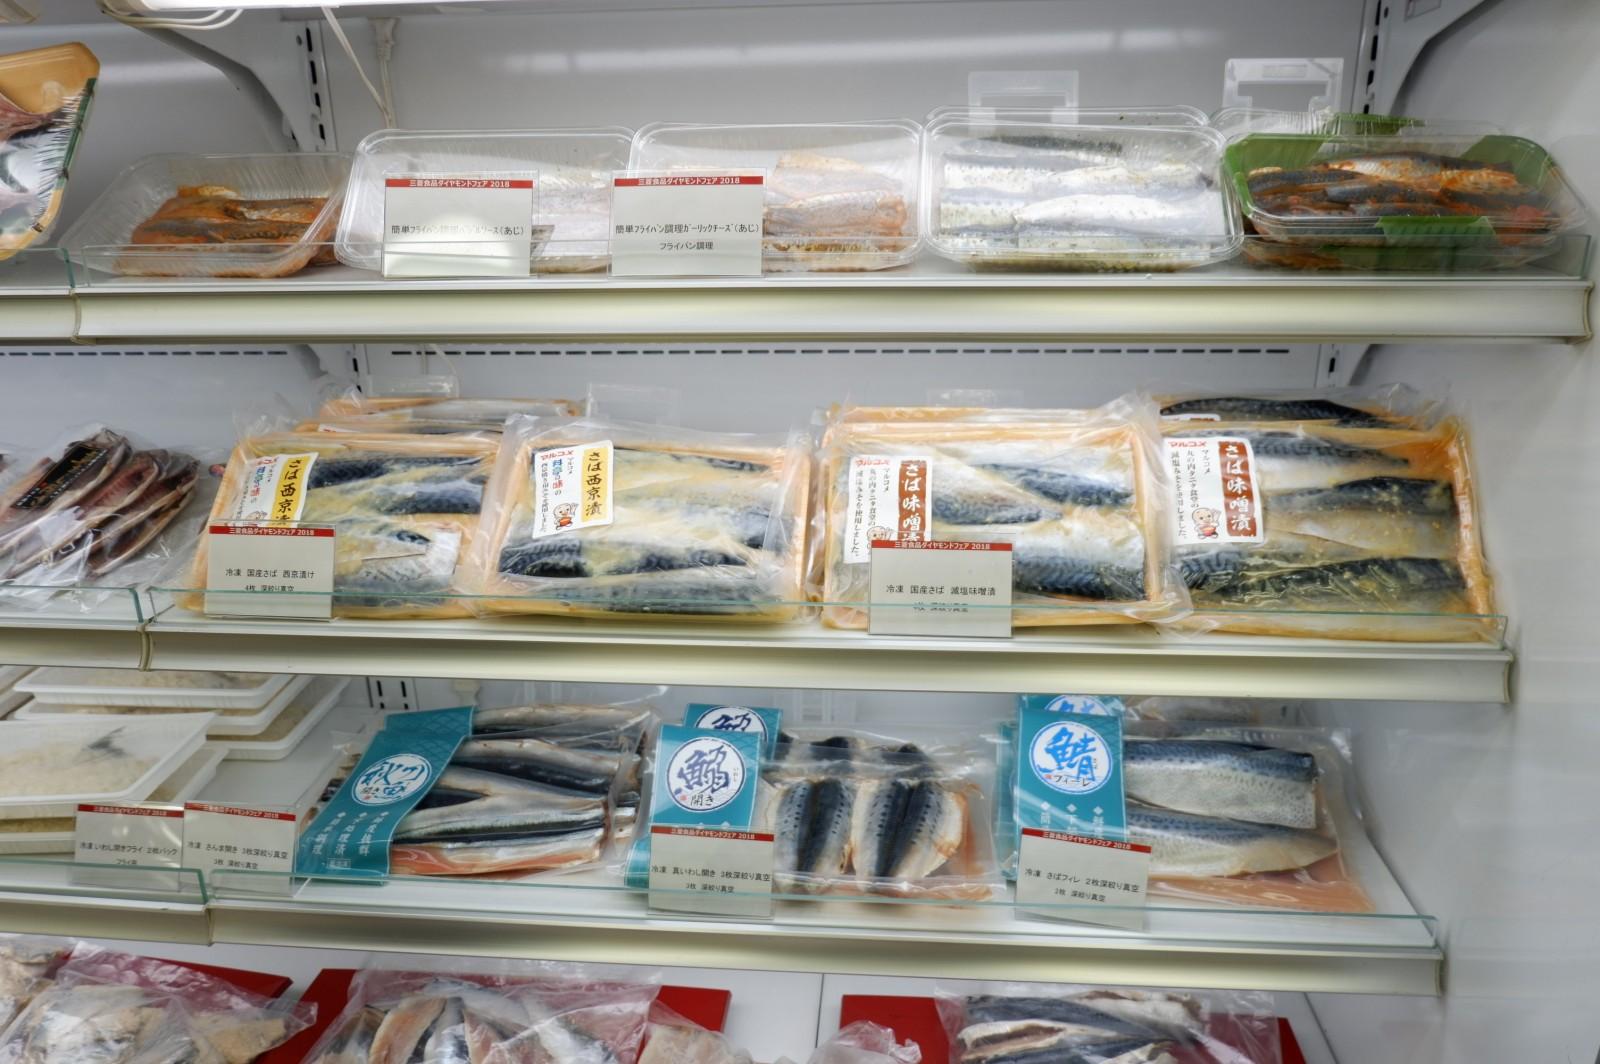 肉も魚も惣菜も~スーパー、コンビニの「冷凍食品売場」はさらに進化中